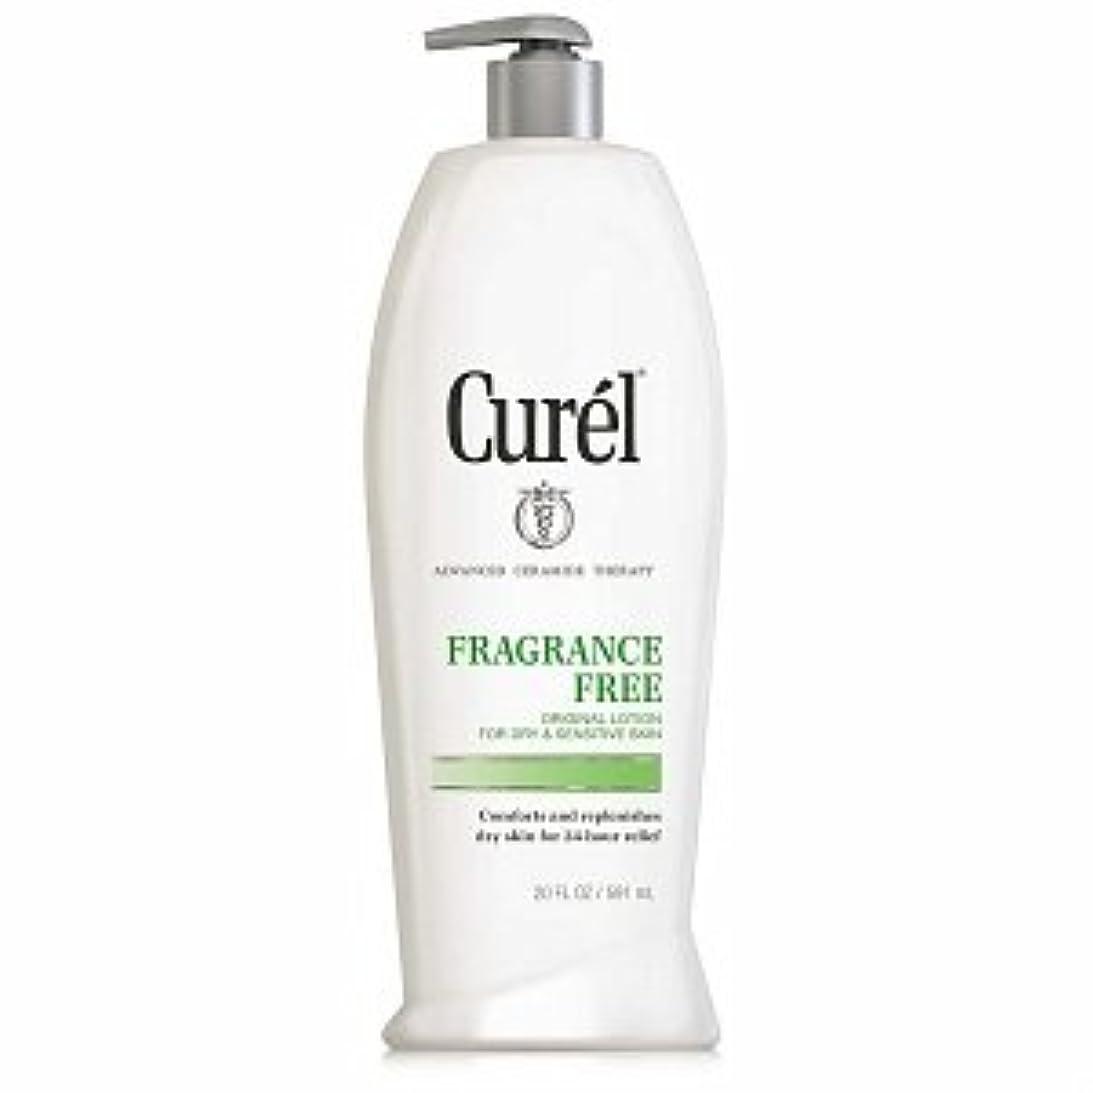 把握広く透過性Curel Fragrance Free Original Lotion For Dry&Sensitive Skin - 13 fl oz ポンプ式